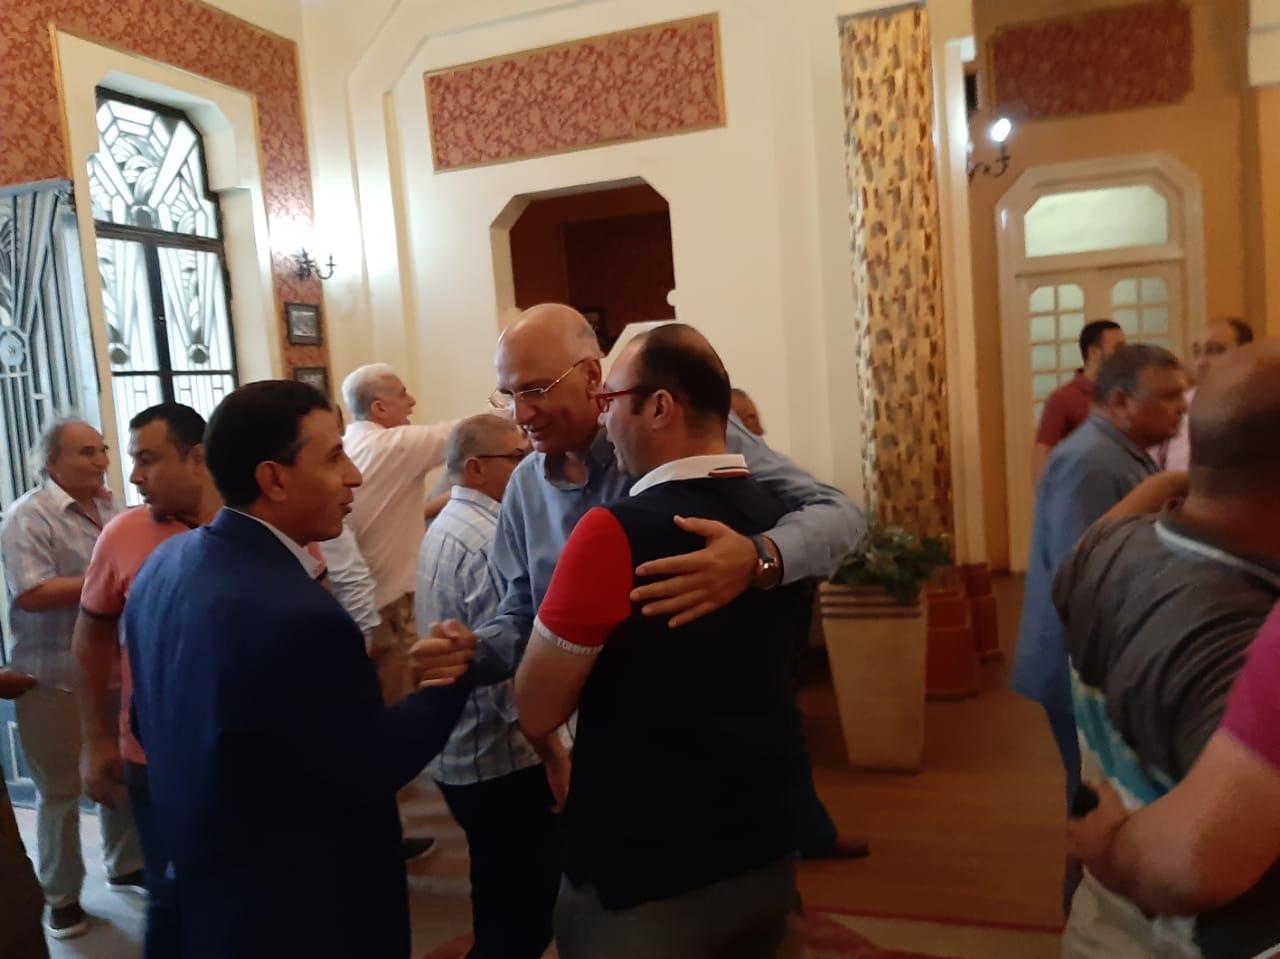 مجلس الجبلاية واعضاء الجمعية العمومية في افطار الشامي بالمحلة (11)